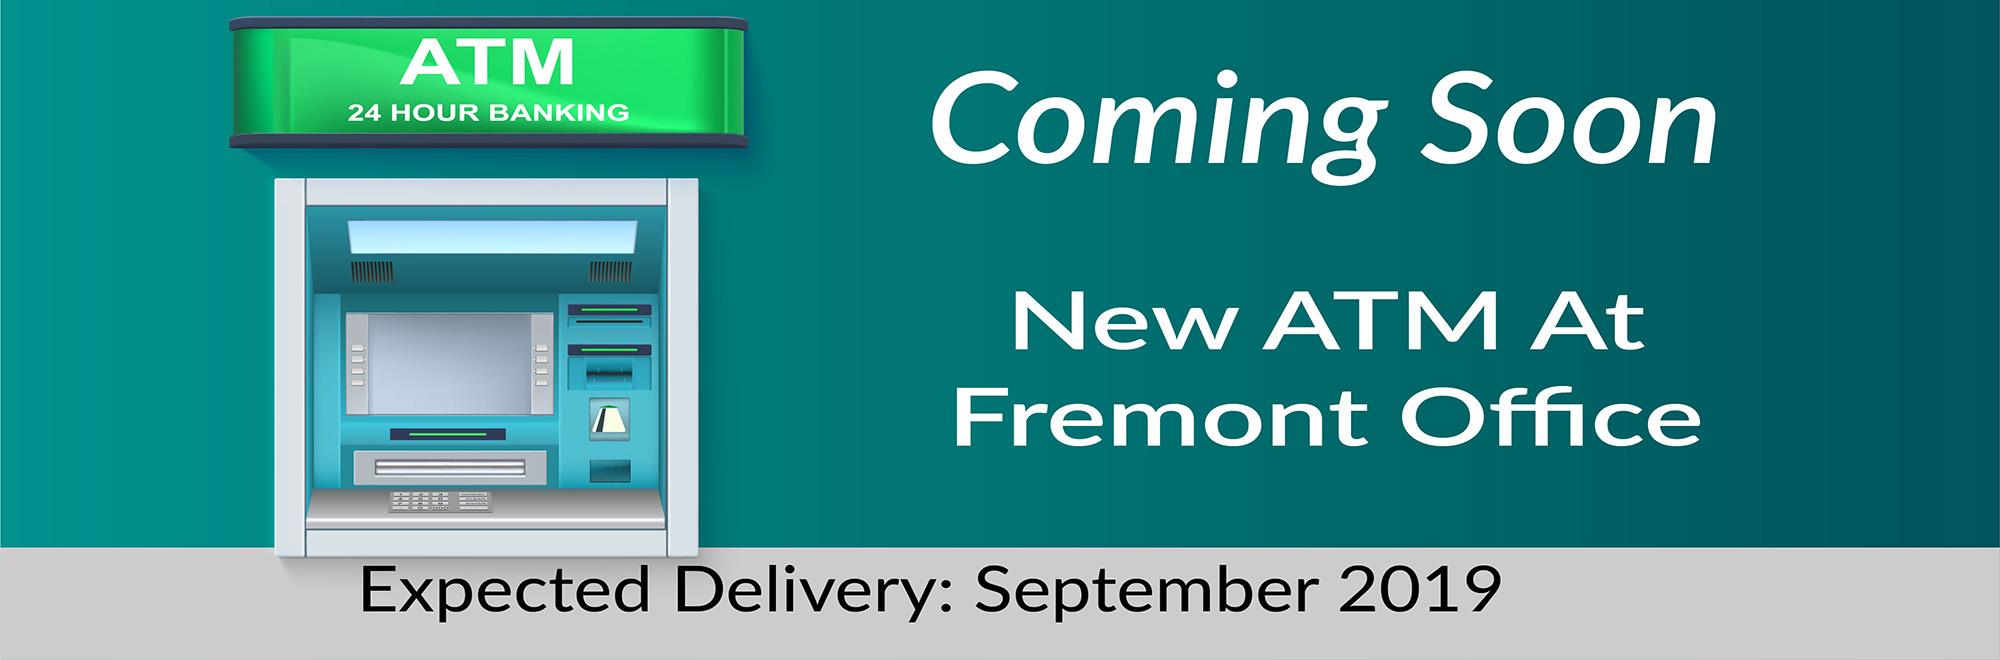 New ATM Fremont